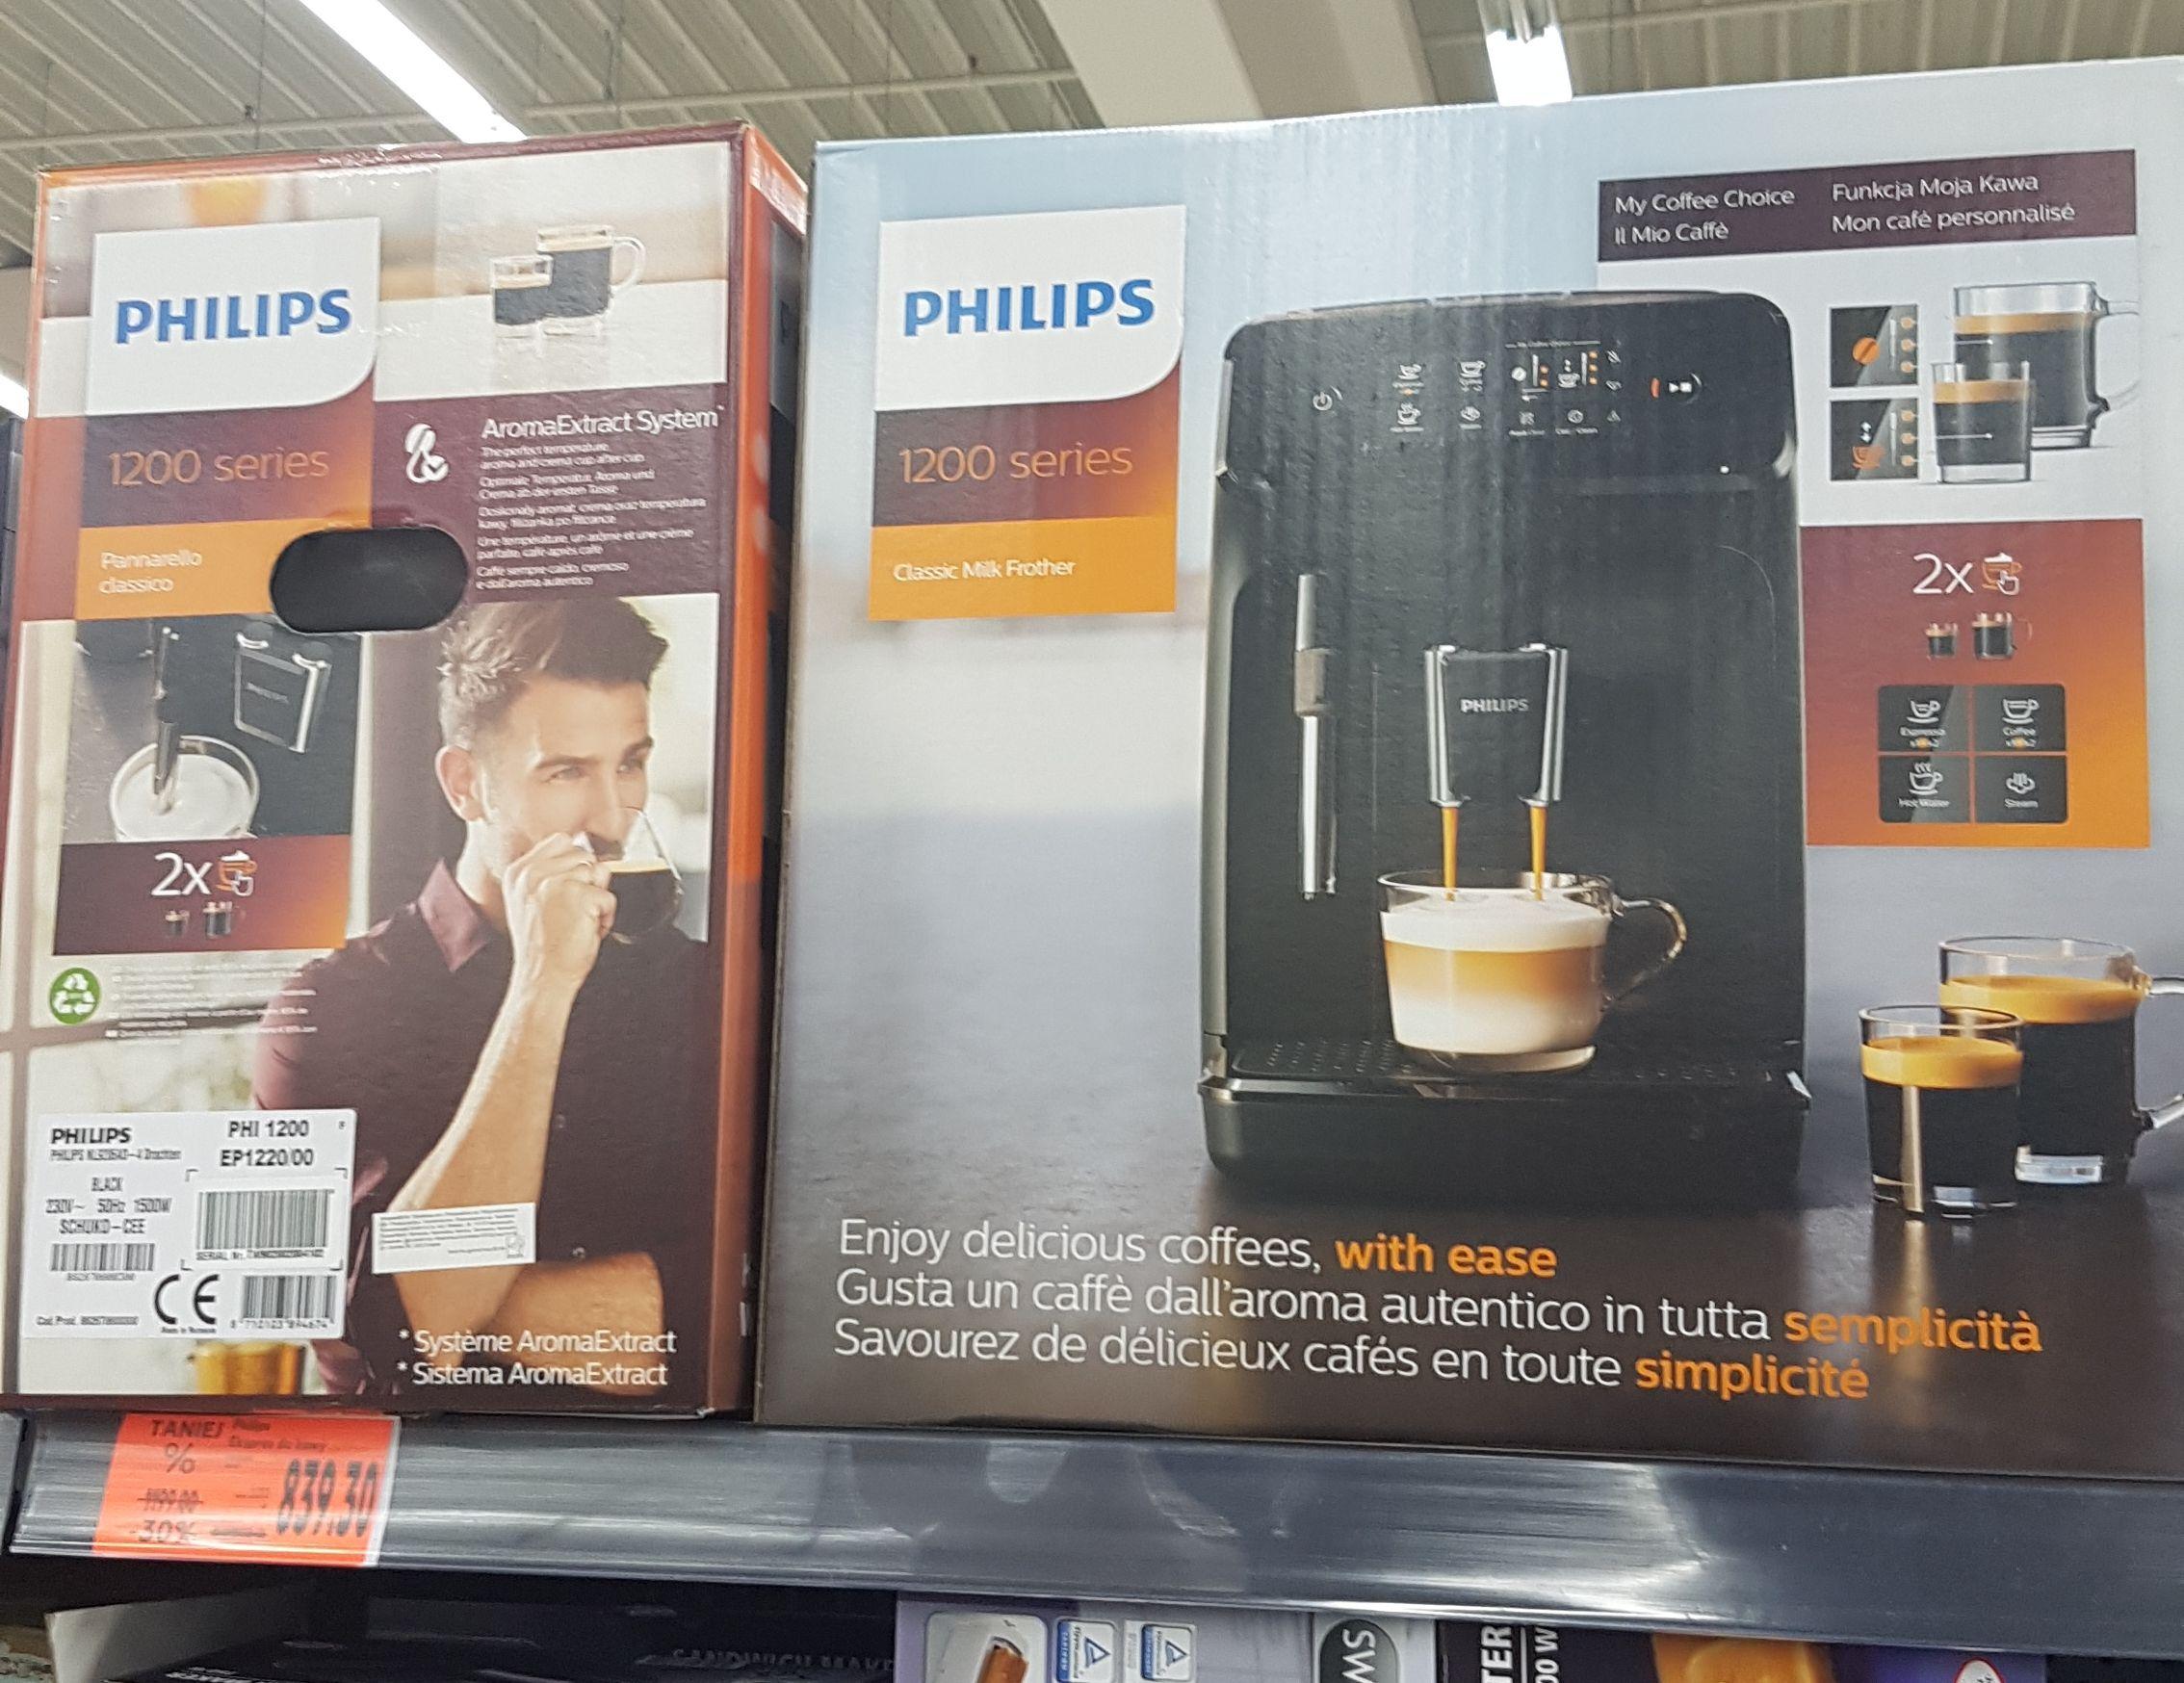 Automatyczny ekspres do kawy Phillips 1200 @ kaufland (Piła)